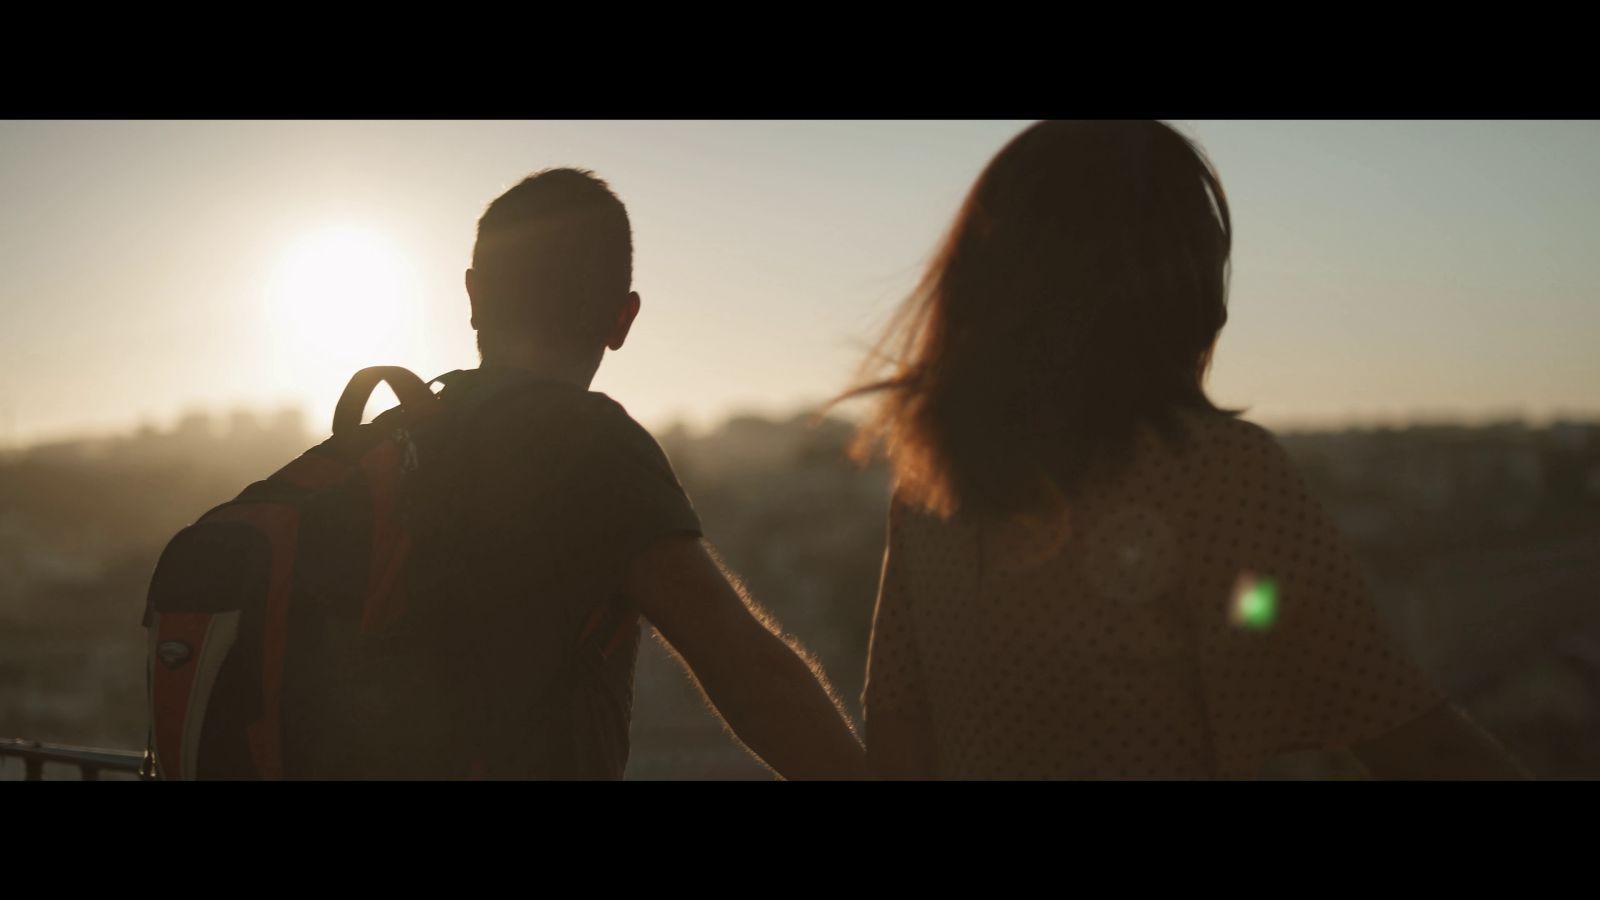 Rua da Lua-cornerstudio-Video-Clip-Music_5